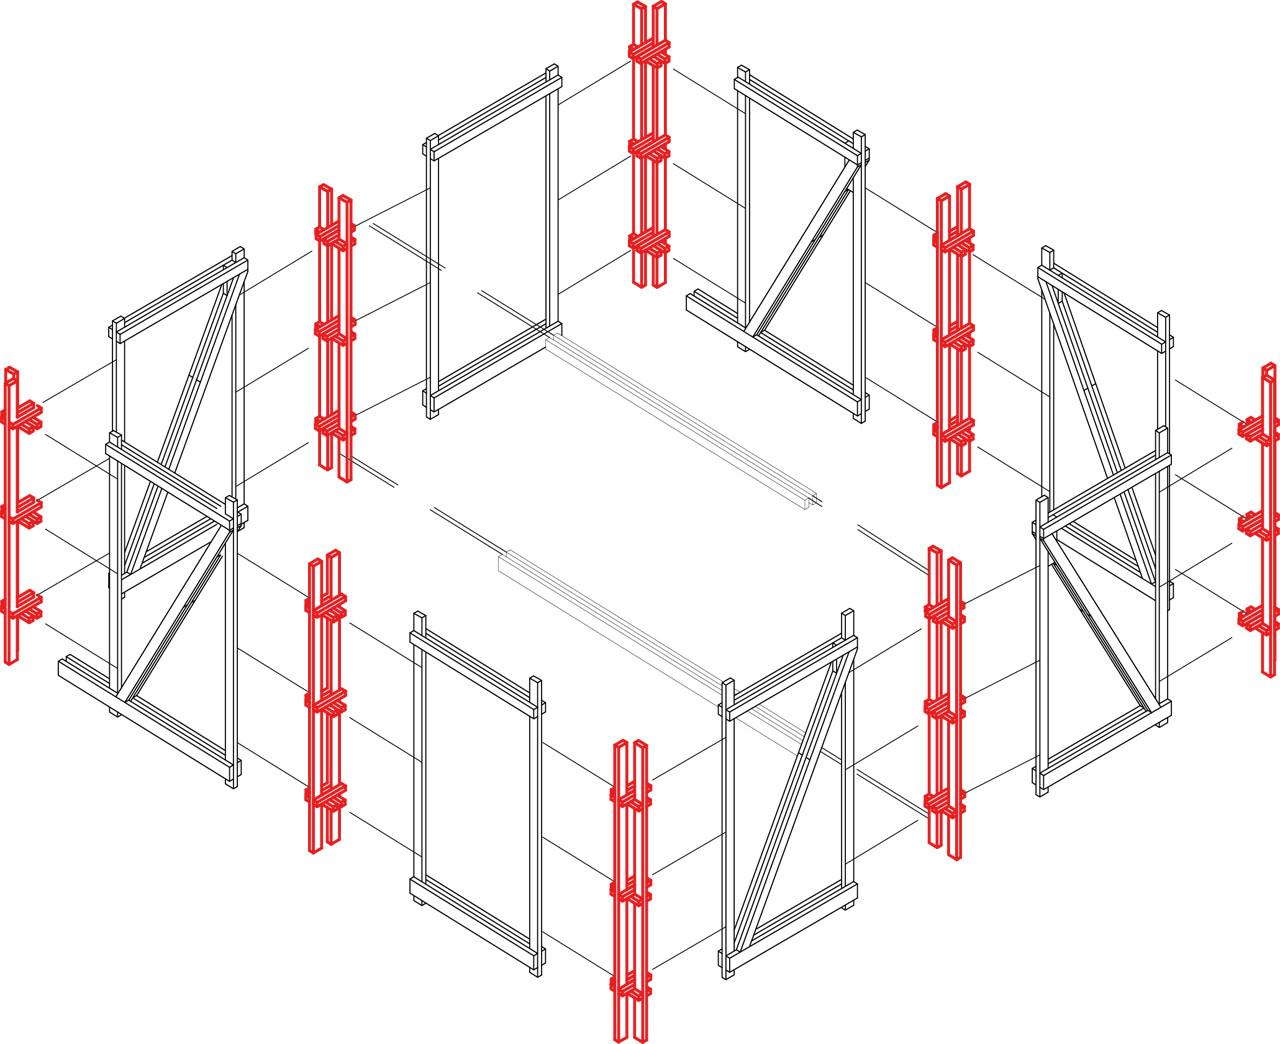 Montaje Estructura. Image © Jorge Aguirre